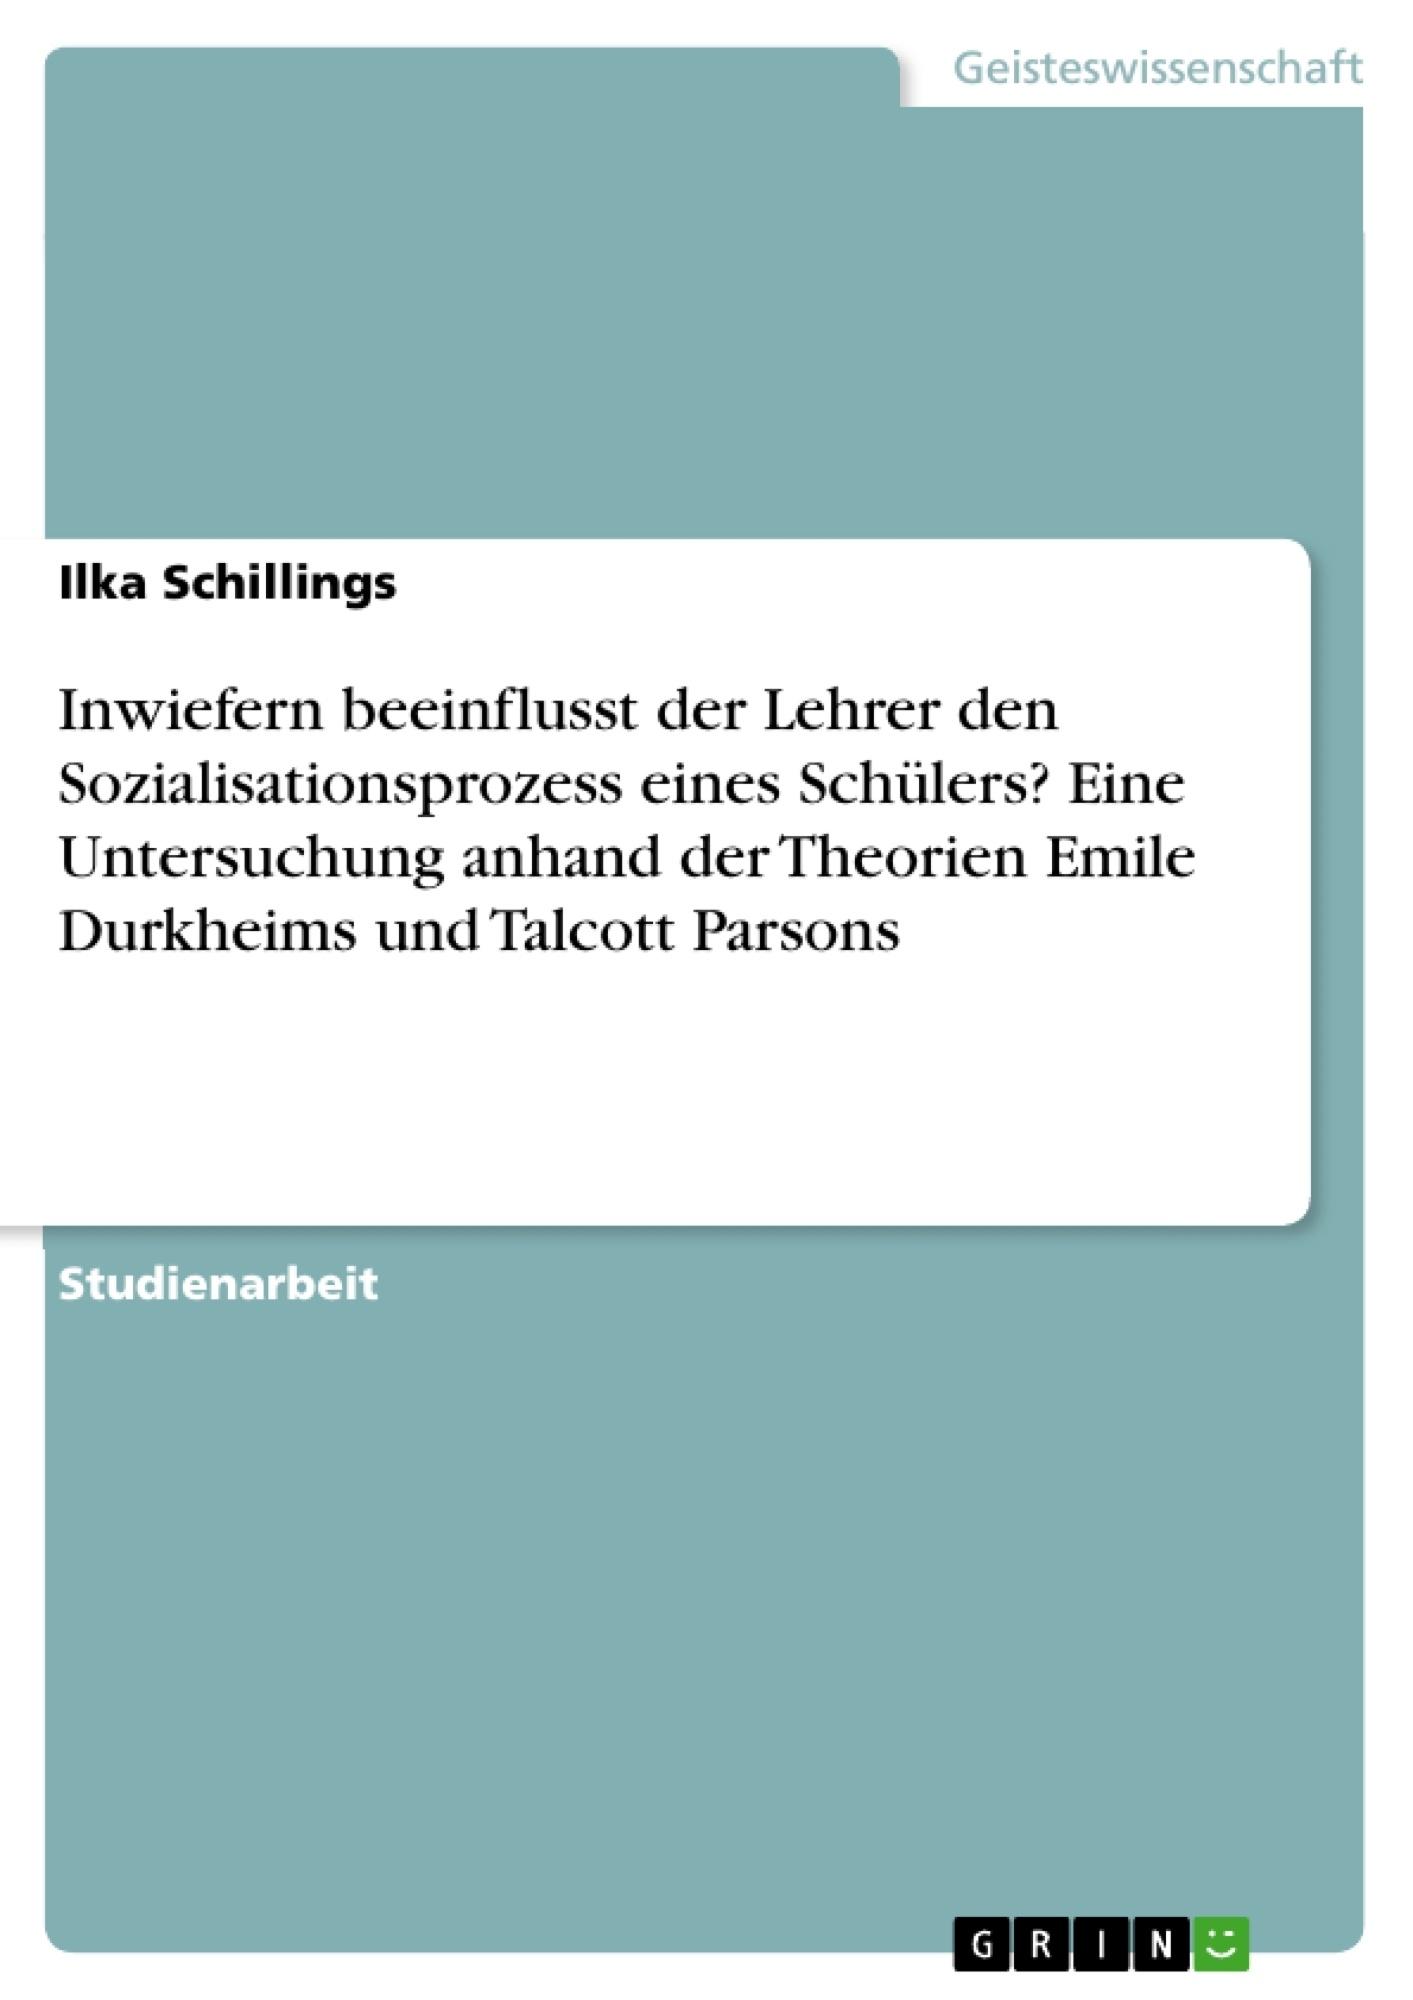 Titel: Inwiefern beeinflusst der Lehrer den Sozialisationsprozess eines Schülers? Eine Untersuchung anhand der Theorien Emile Durkheims und Talcott Parsons